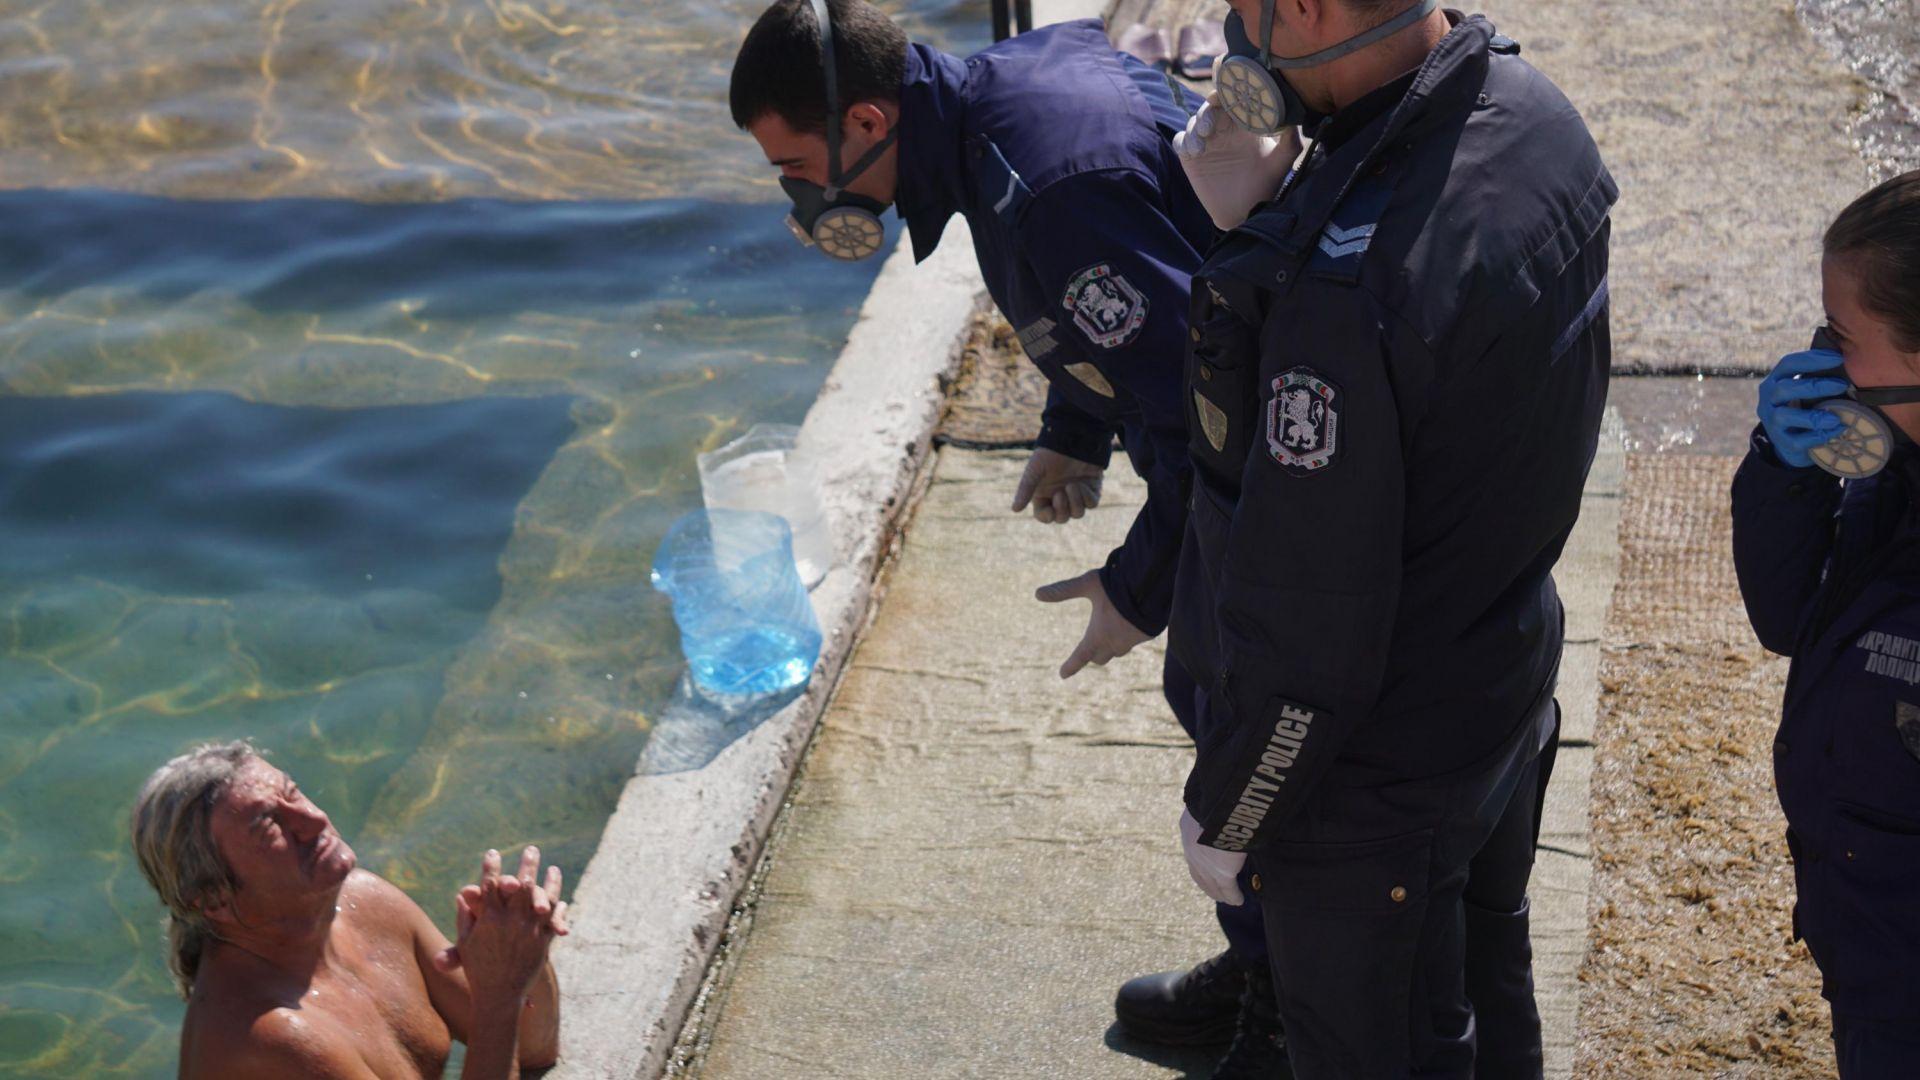 """Варненските полицаи с мъка изгониха къпещи се в """"Топлата вода"""" (снимки)"""